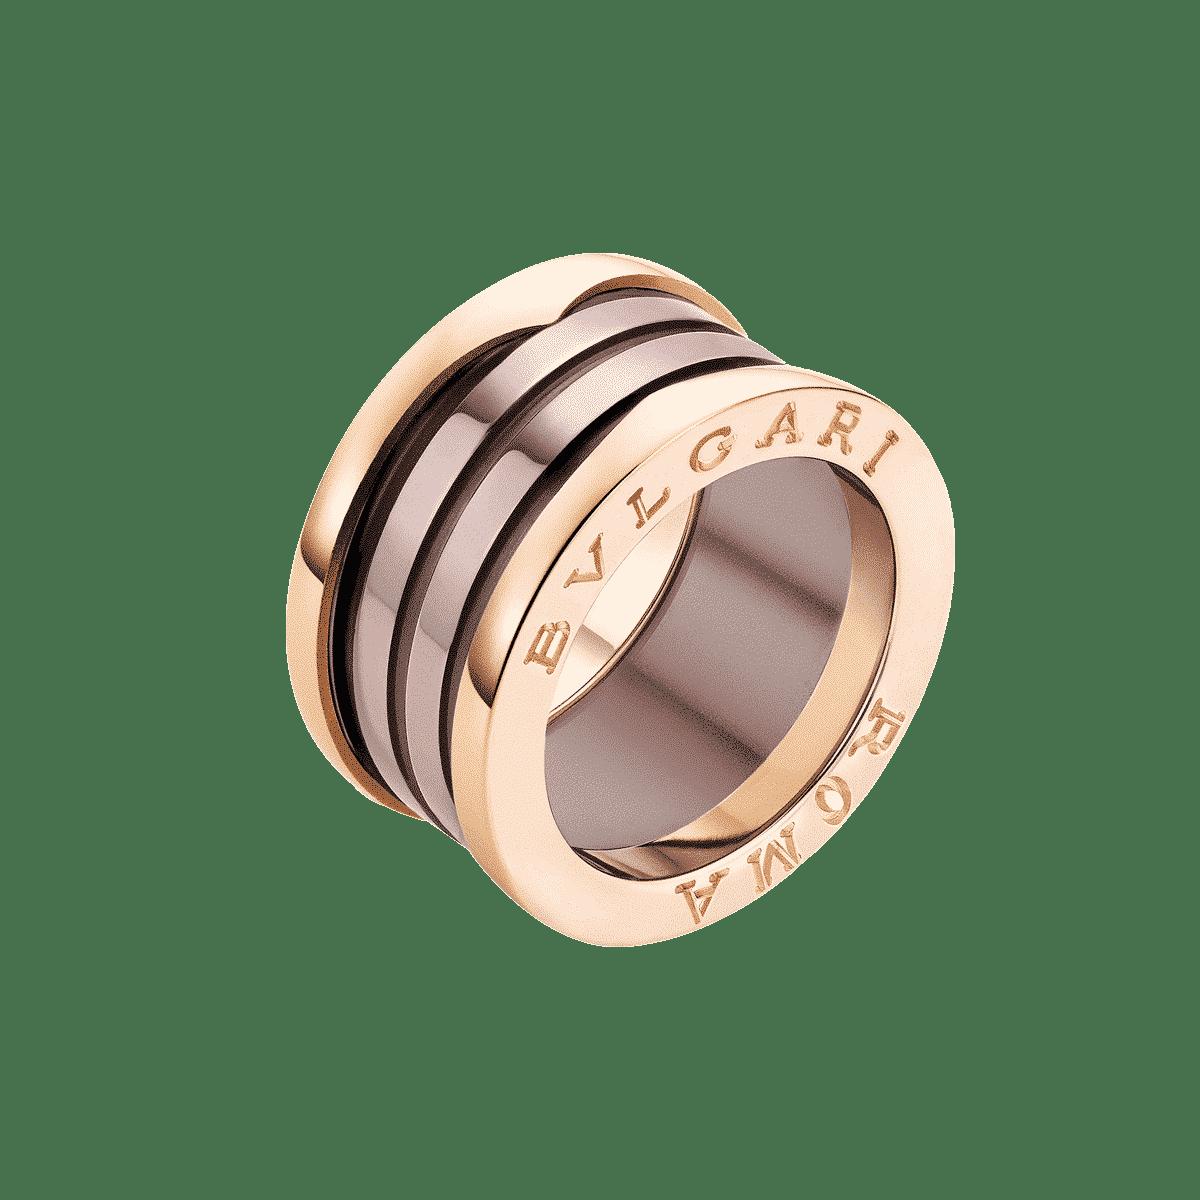 Bulgari B.Zero1 Roma Ring - Lionel Meylan Vevey f062a04c4271